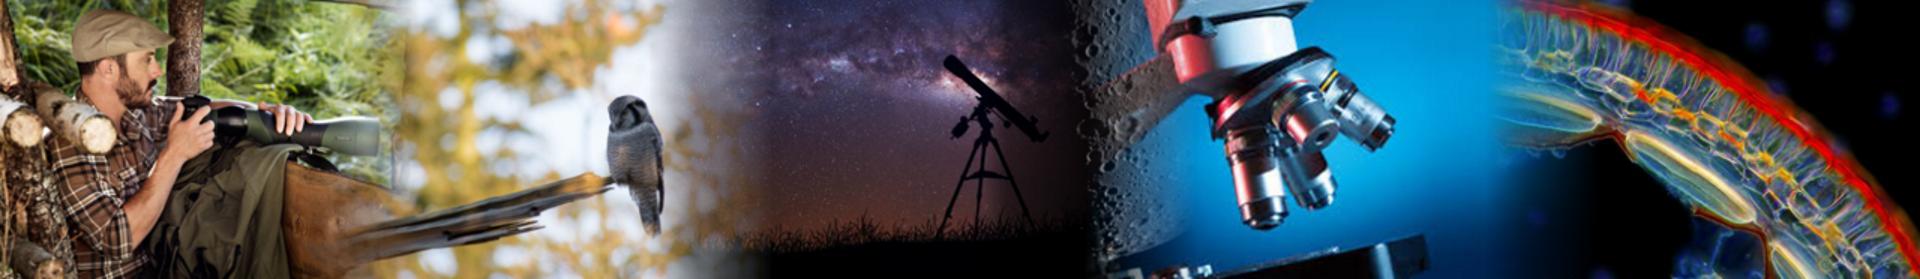 Telescopios/Microscopios